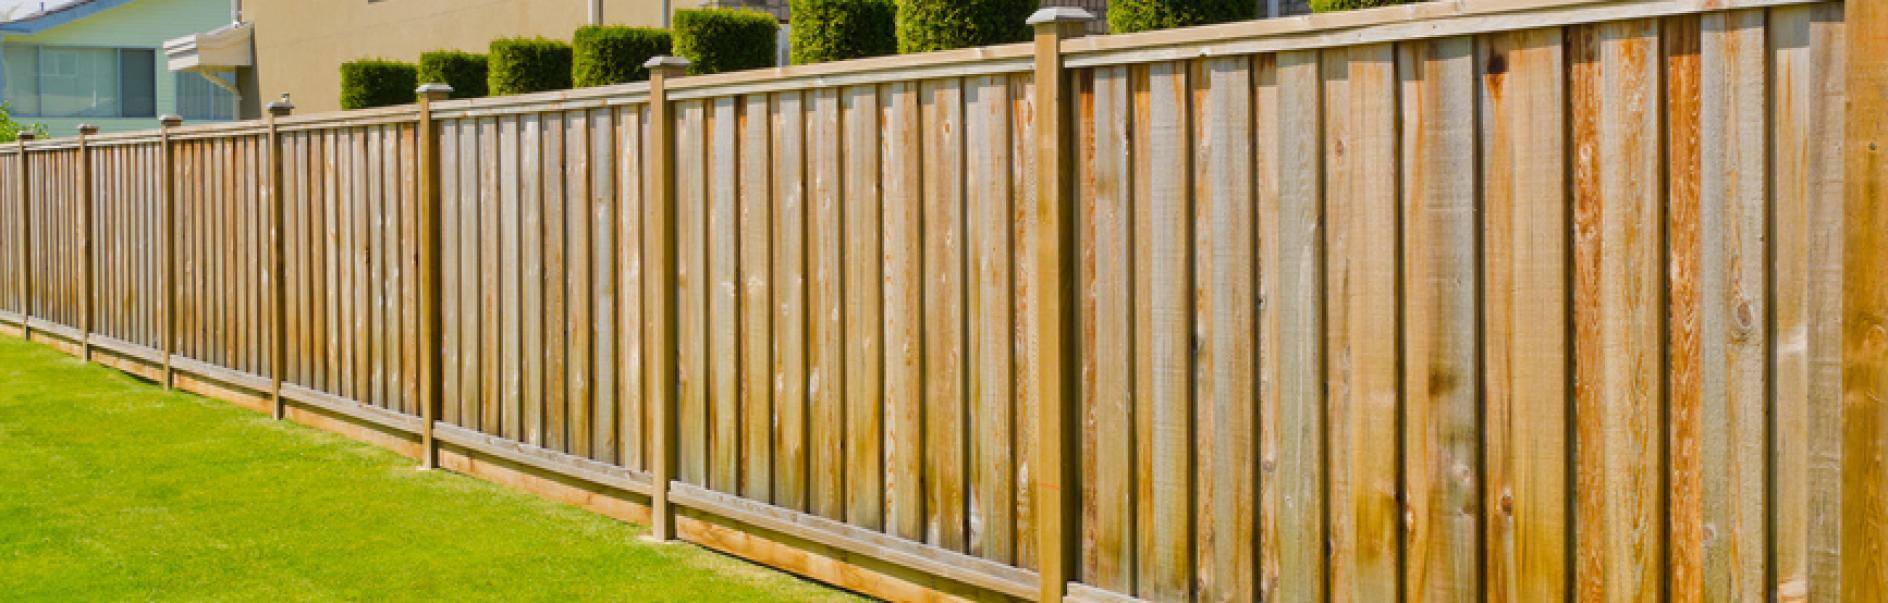 Réalisez Vous-Même Une Clôture Ou Un Écran De Jardin. destiné Planche Pour Cloture Jardin